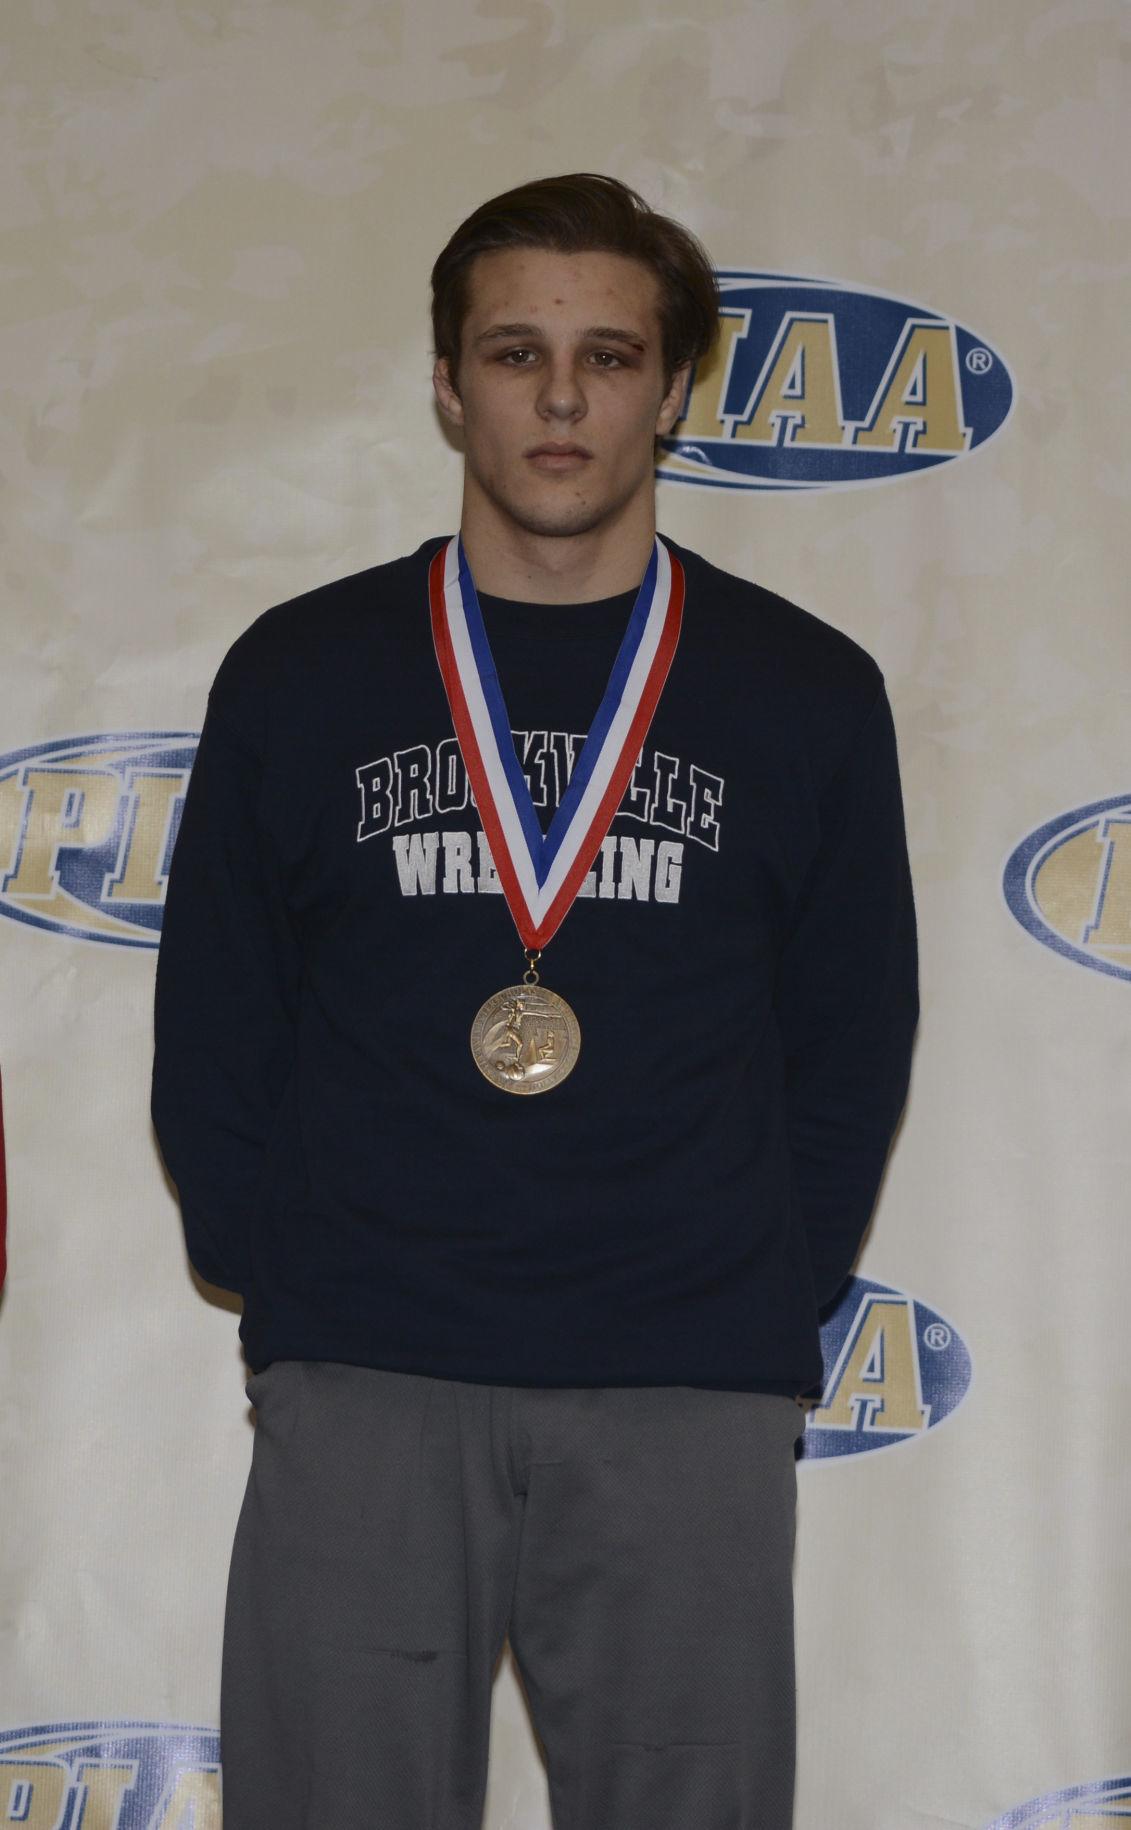 Caleb Hetrick medal